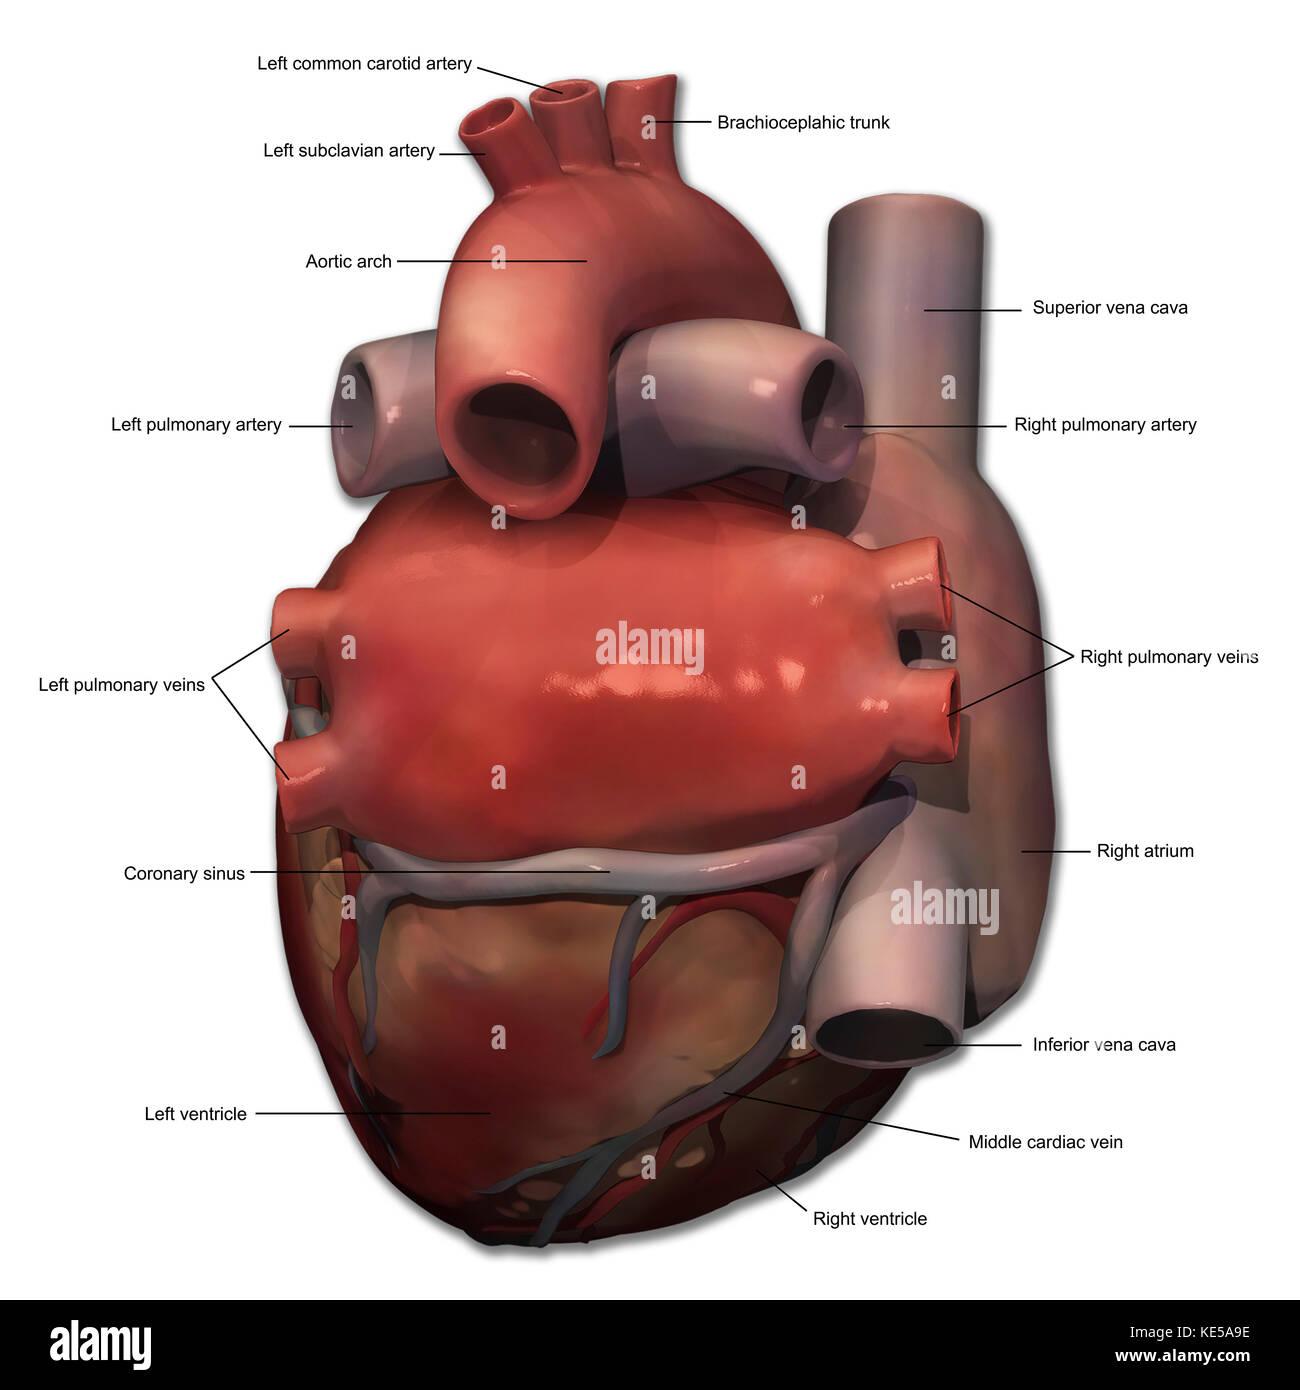 Vista Posterior De La Anatomia Del Corazon Humano Con Anotaciones